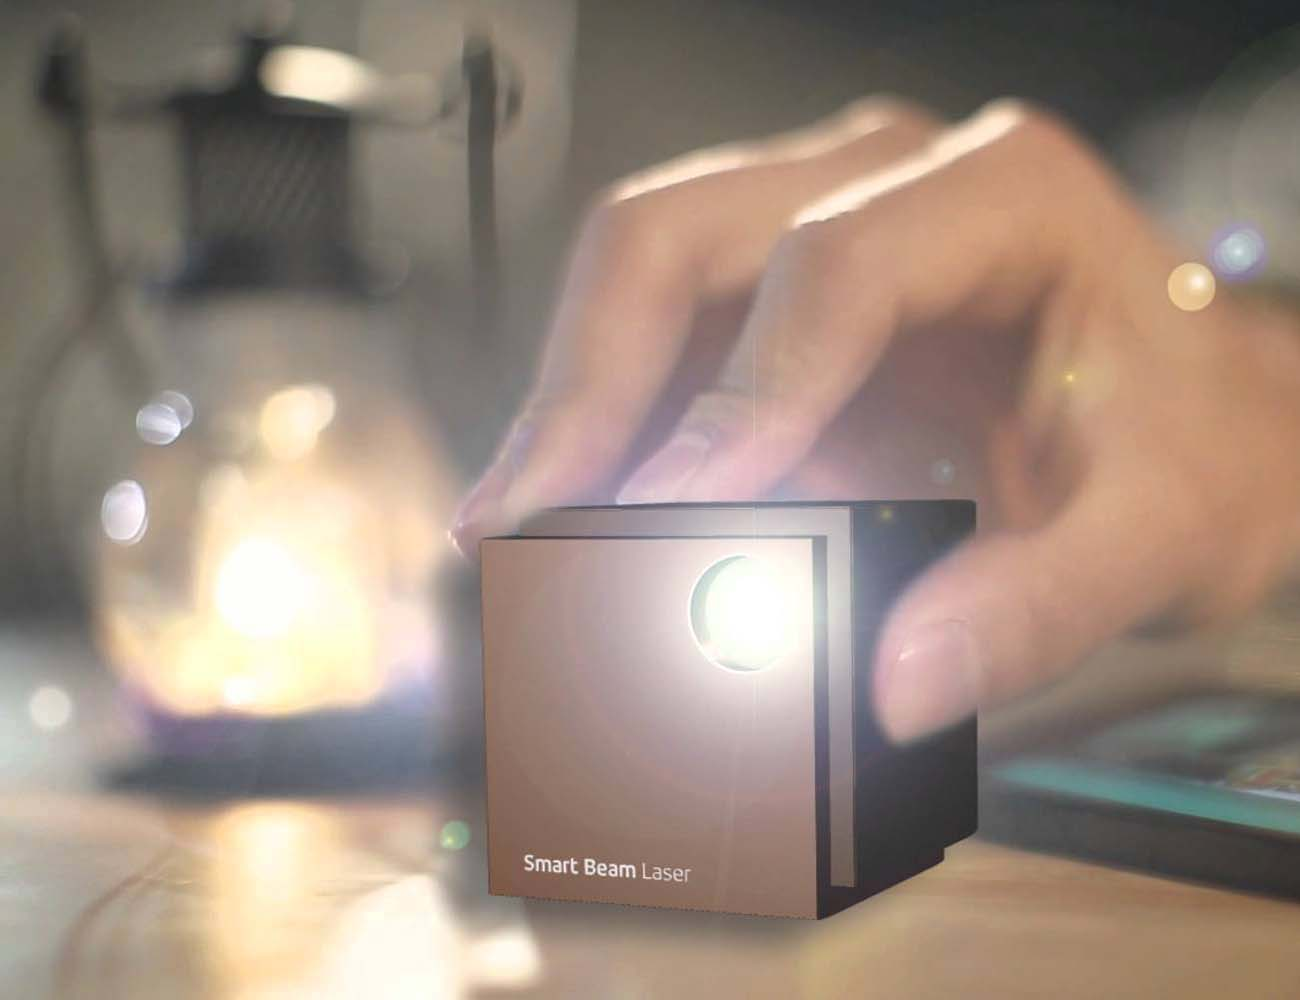 Uo Smart Beam Laser 187 Gadget Flow